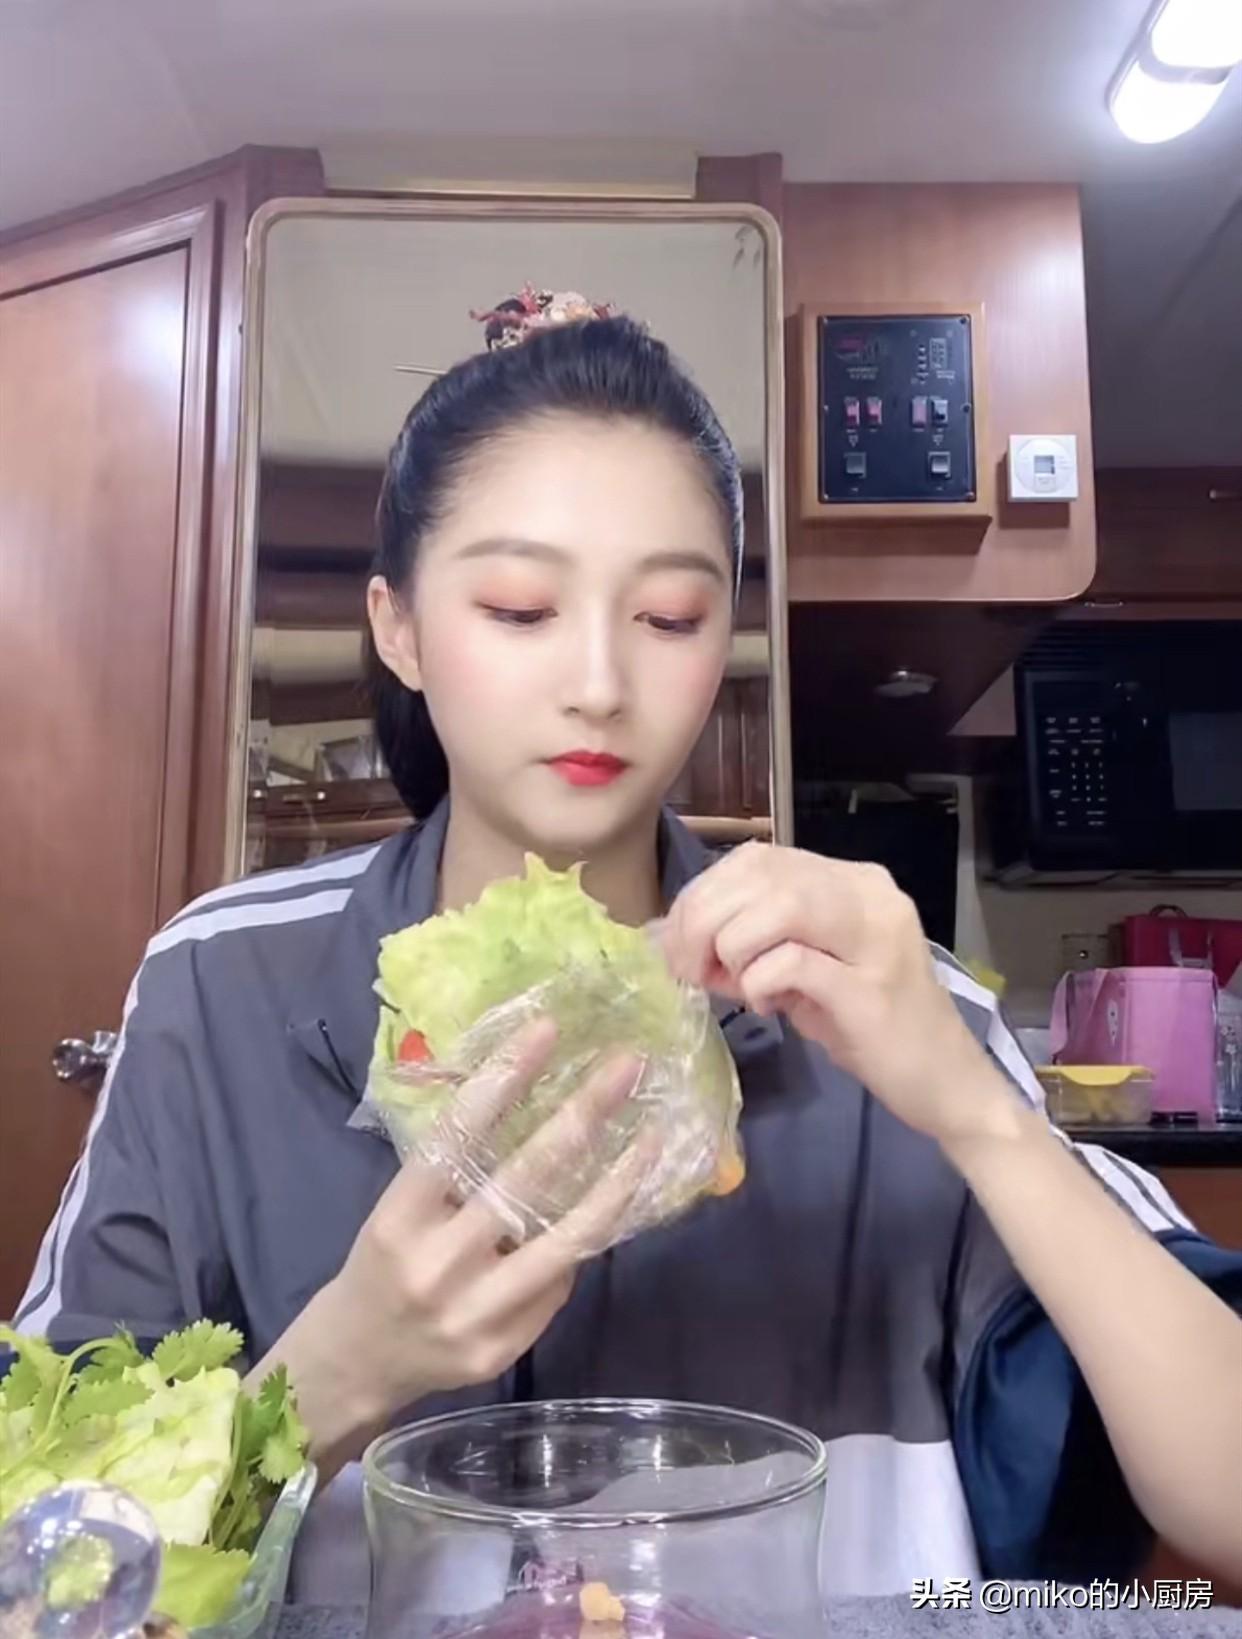 关晓彤分享蔬菜三明治教程,美味低热量,好身材就靠吃它